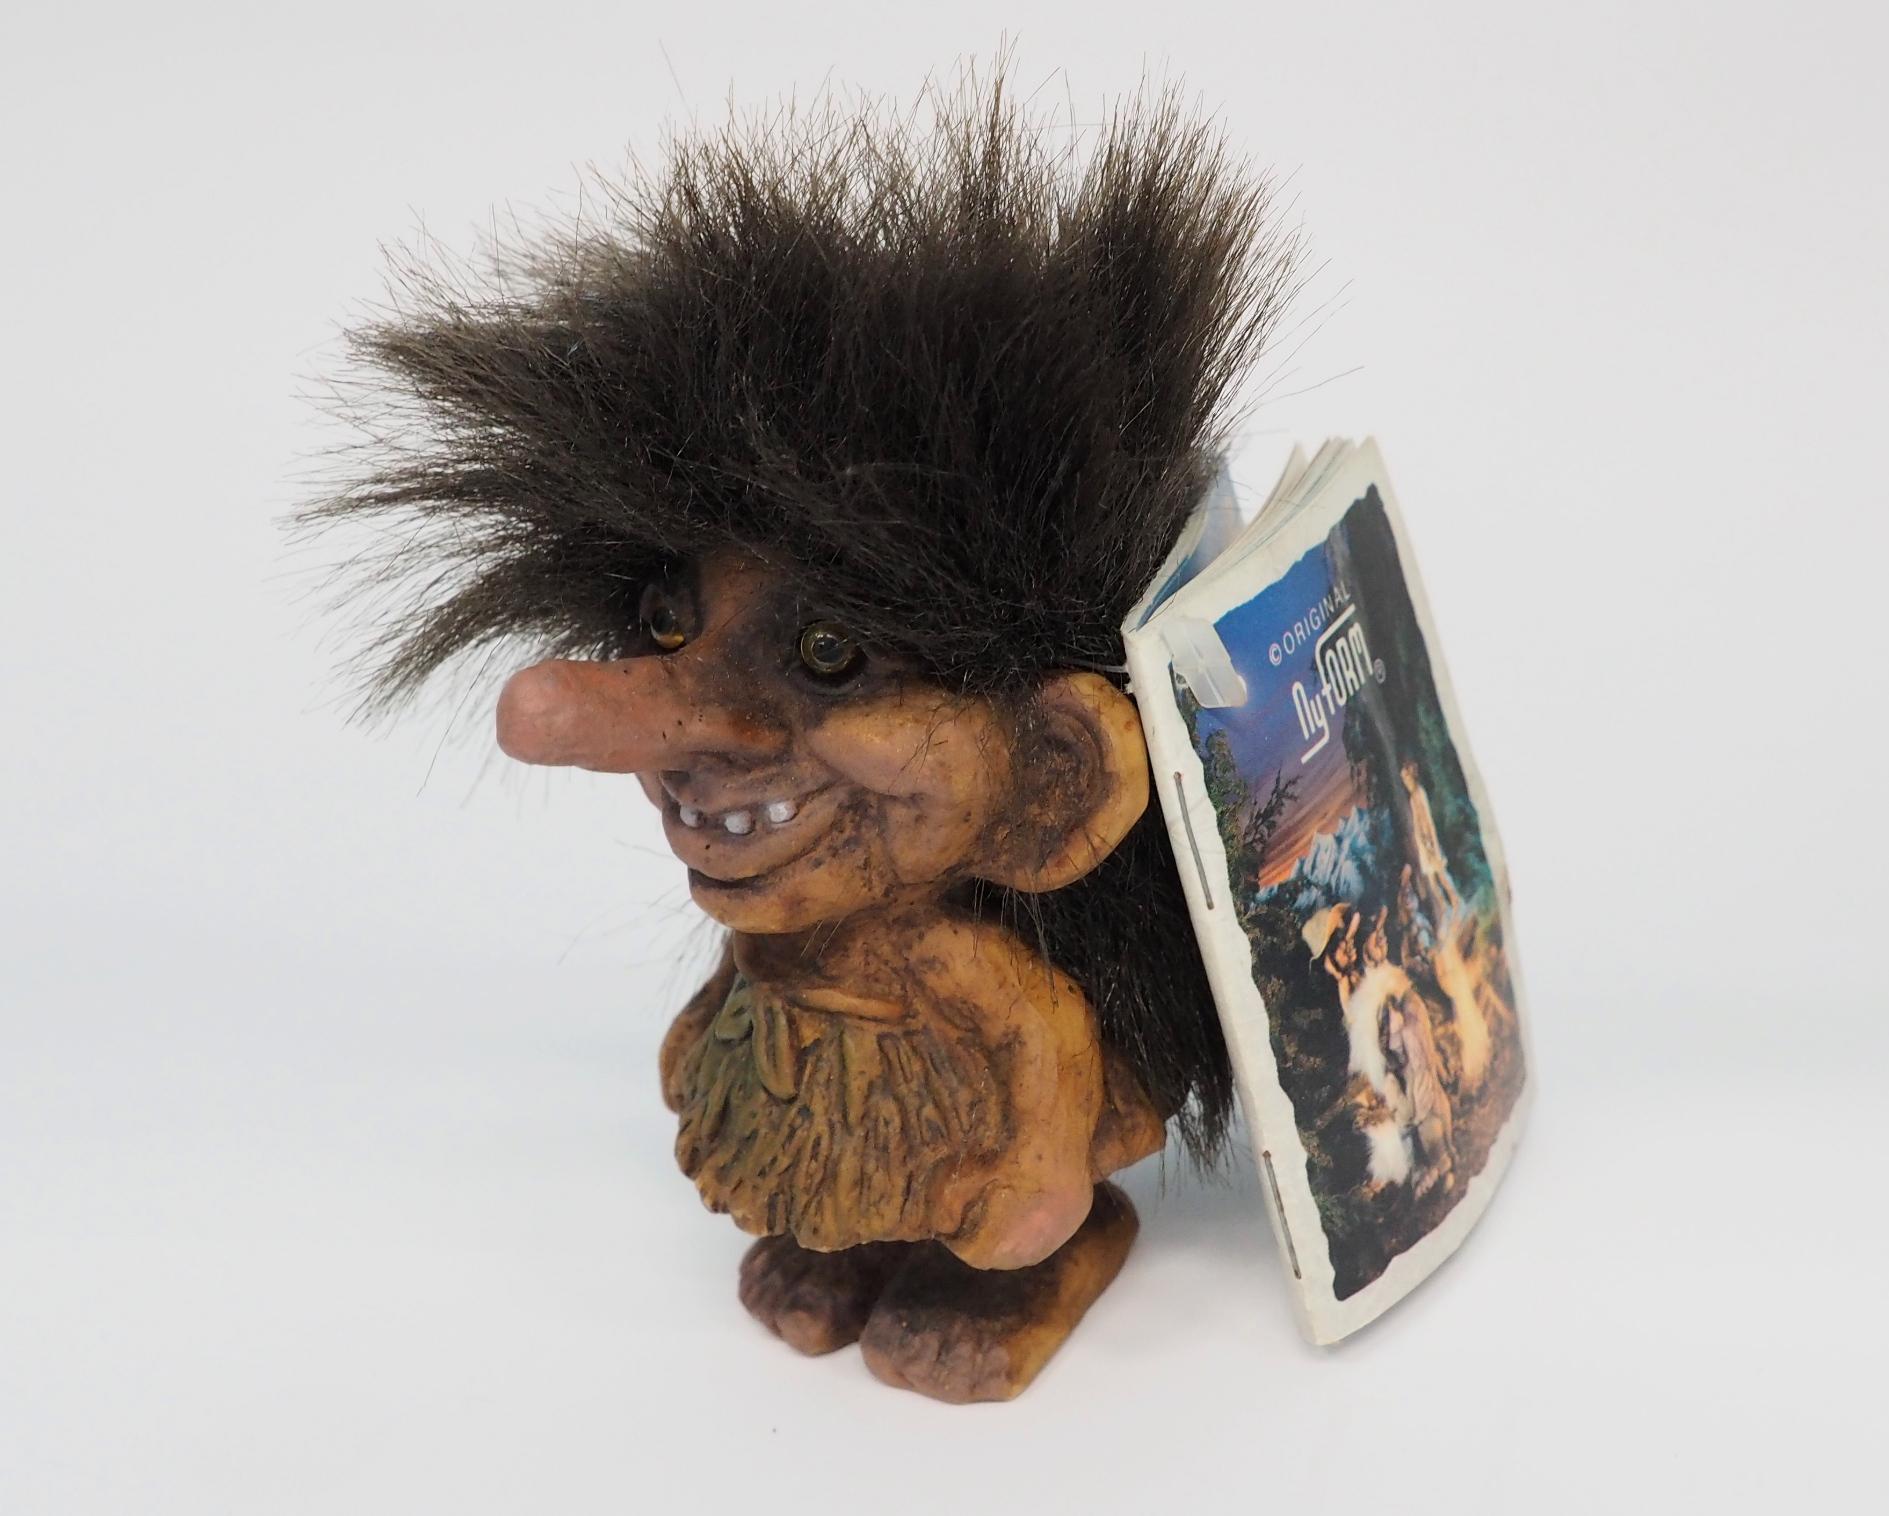 ノルウェーのほとんどの土産物屋には北欧神話の妖精トロールの人形が売っている。